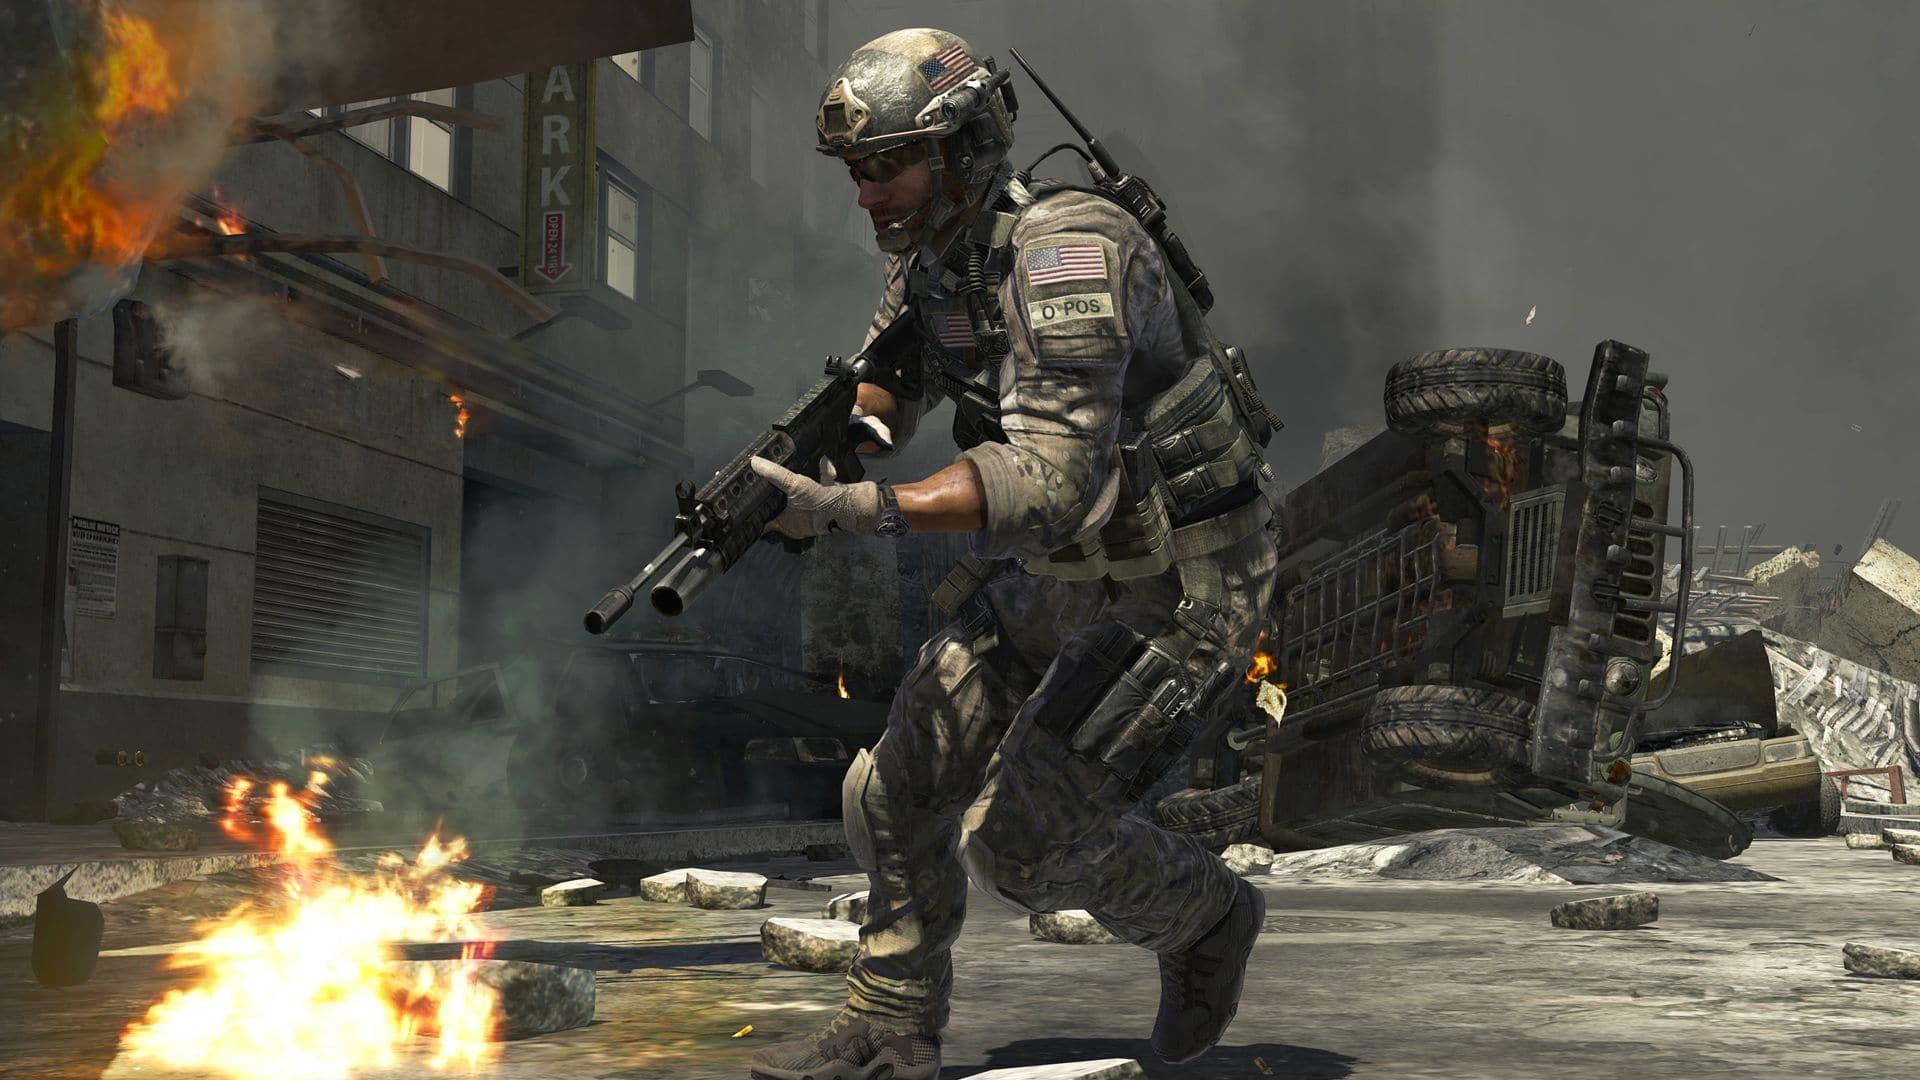 Hình ảnh trong game Call of Duty Modern Warfare 3